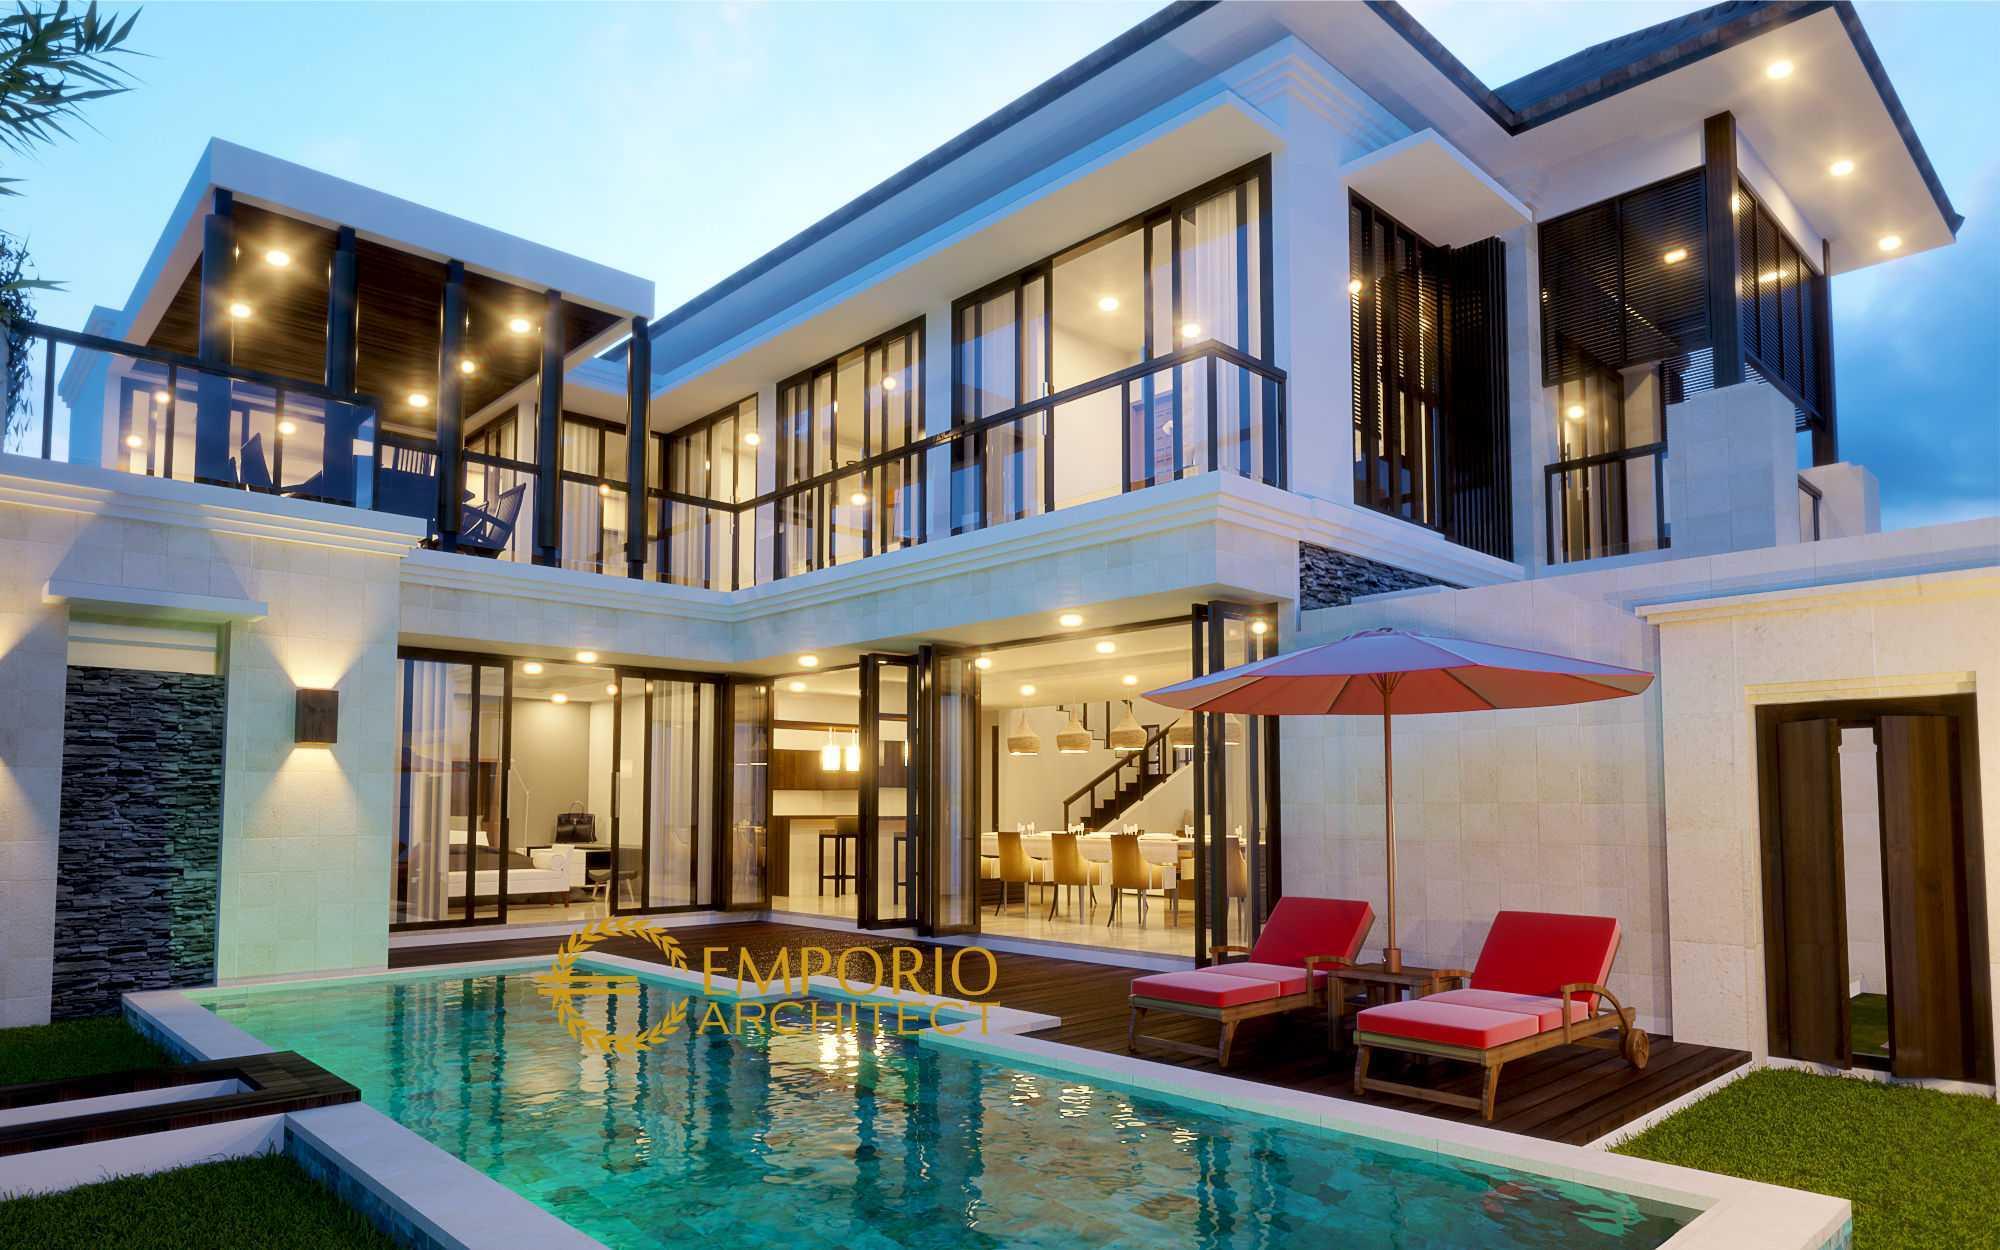 Emporio Architect Jasa Arsitek Bekasi Desain Rumah Villa Bali Tropis 244 @ Bekasi Bekasi, Kota Bks, Jawa Barat, Indonesia Bekasi, Kota Bks, Jawa Barat, Indonesia Emporio-Architect-Jasa-Arsitek-Bekasi-Desain-Rumah-Villa-Bali-Tropis-244-Bekasi   84332